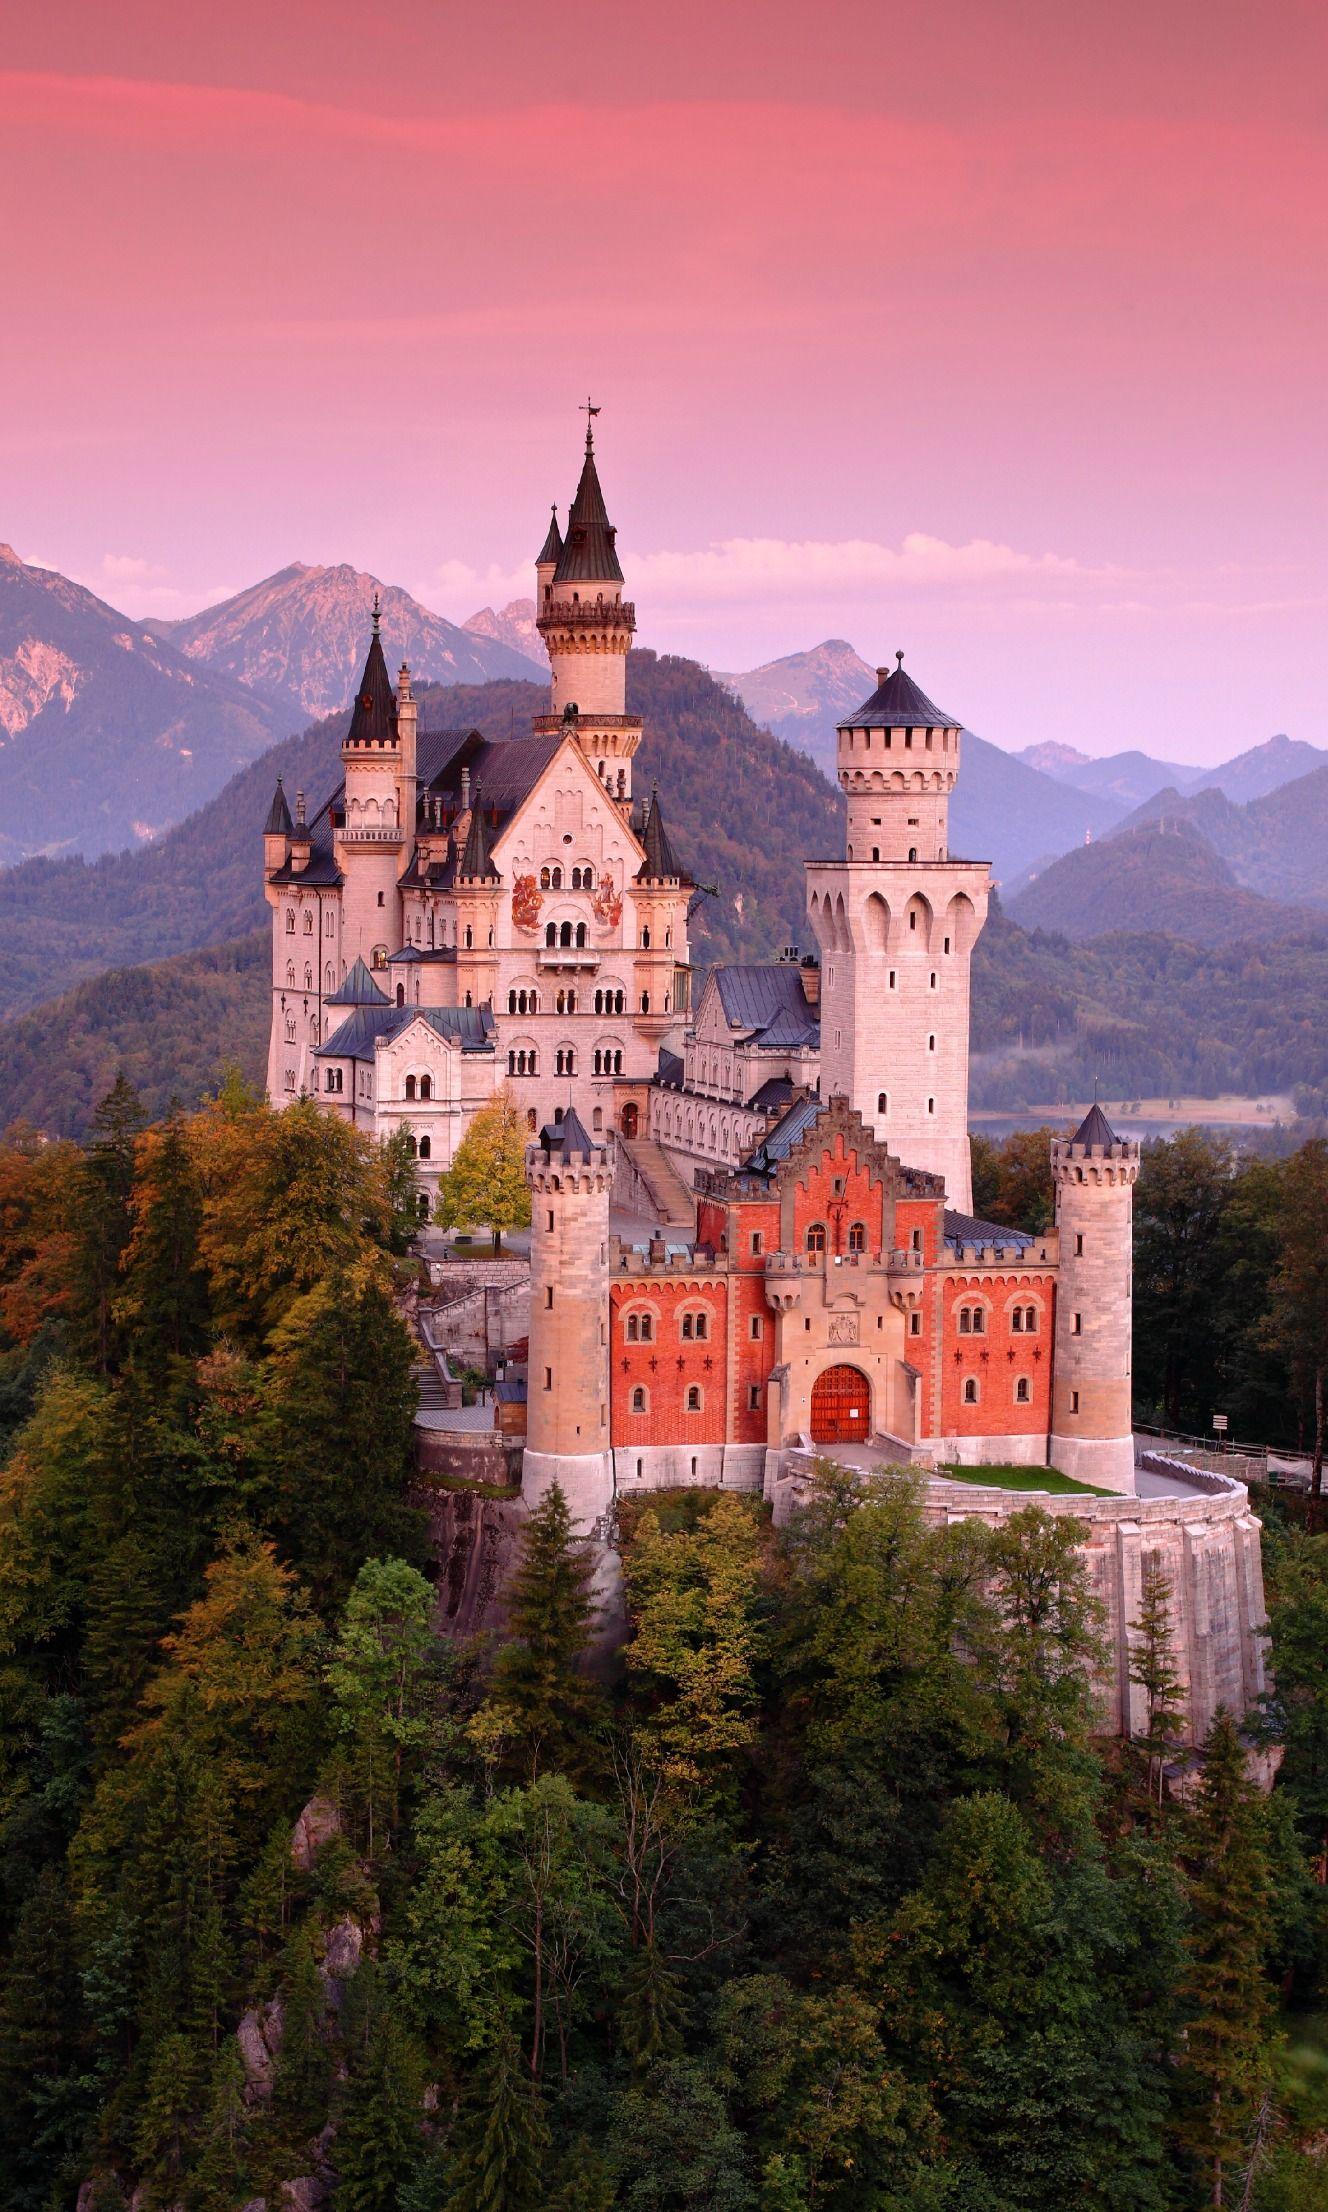 #Neuschwanstein, e gli altri magici castelli della #Baviera, da visitare almeno una volta nella vita!